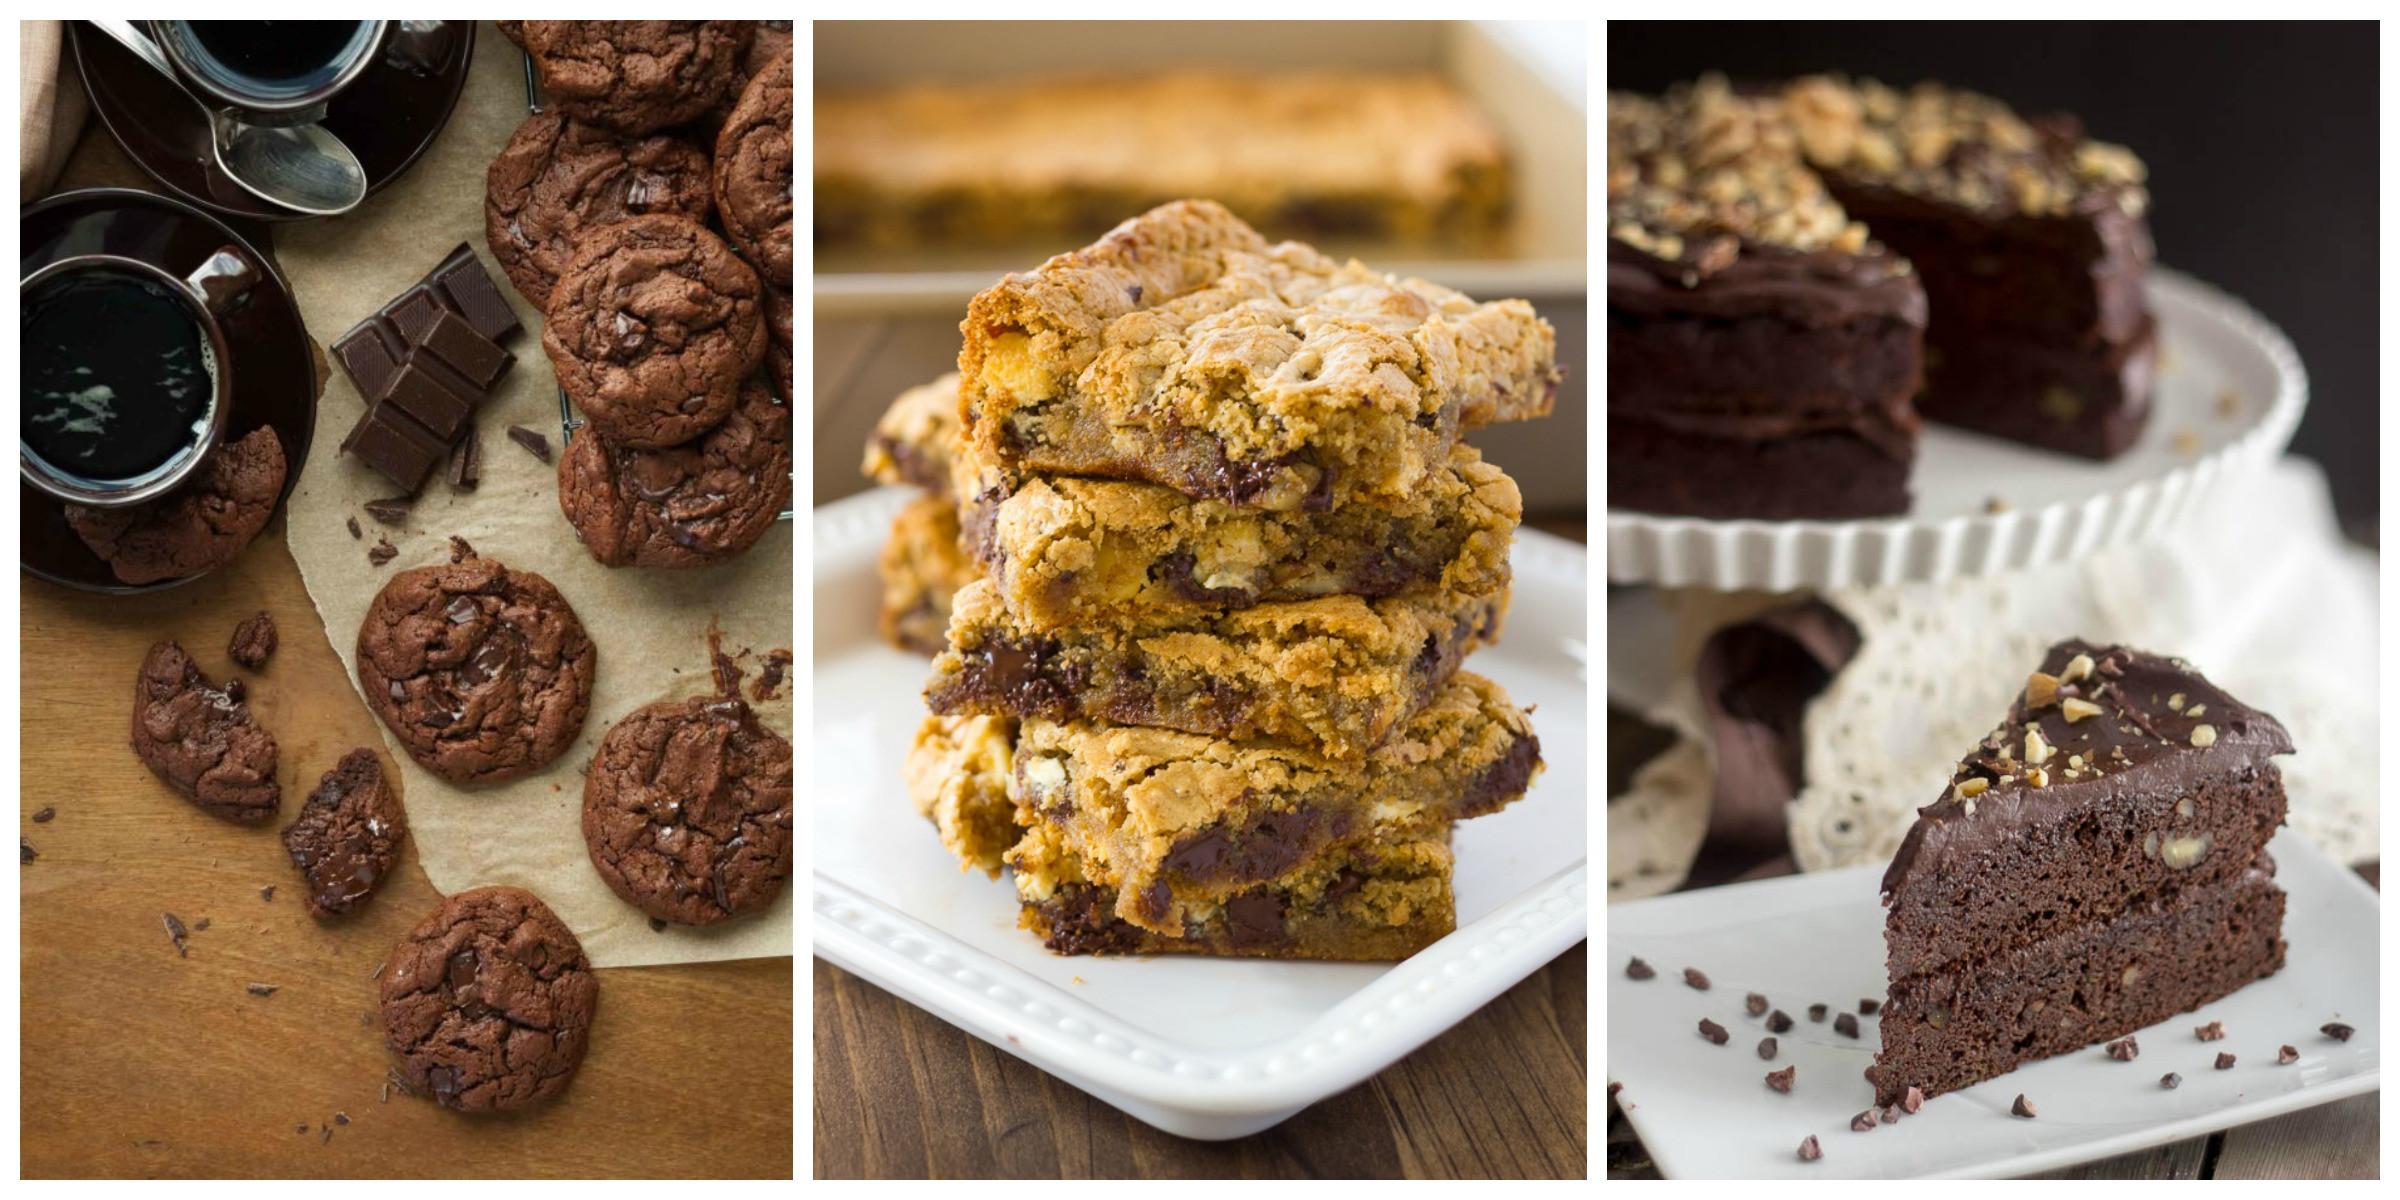 Almond Flour Desserts  10 Almond Flour Dessert Recipes To Indulge In Your Diet